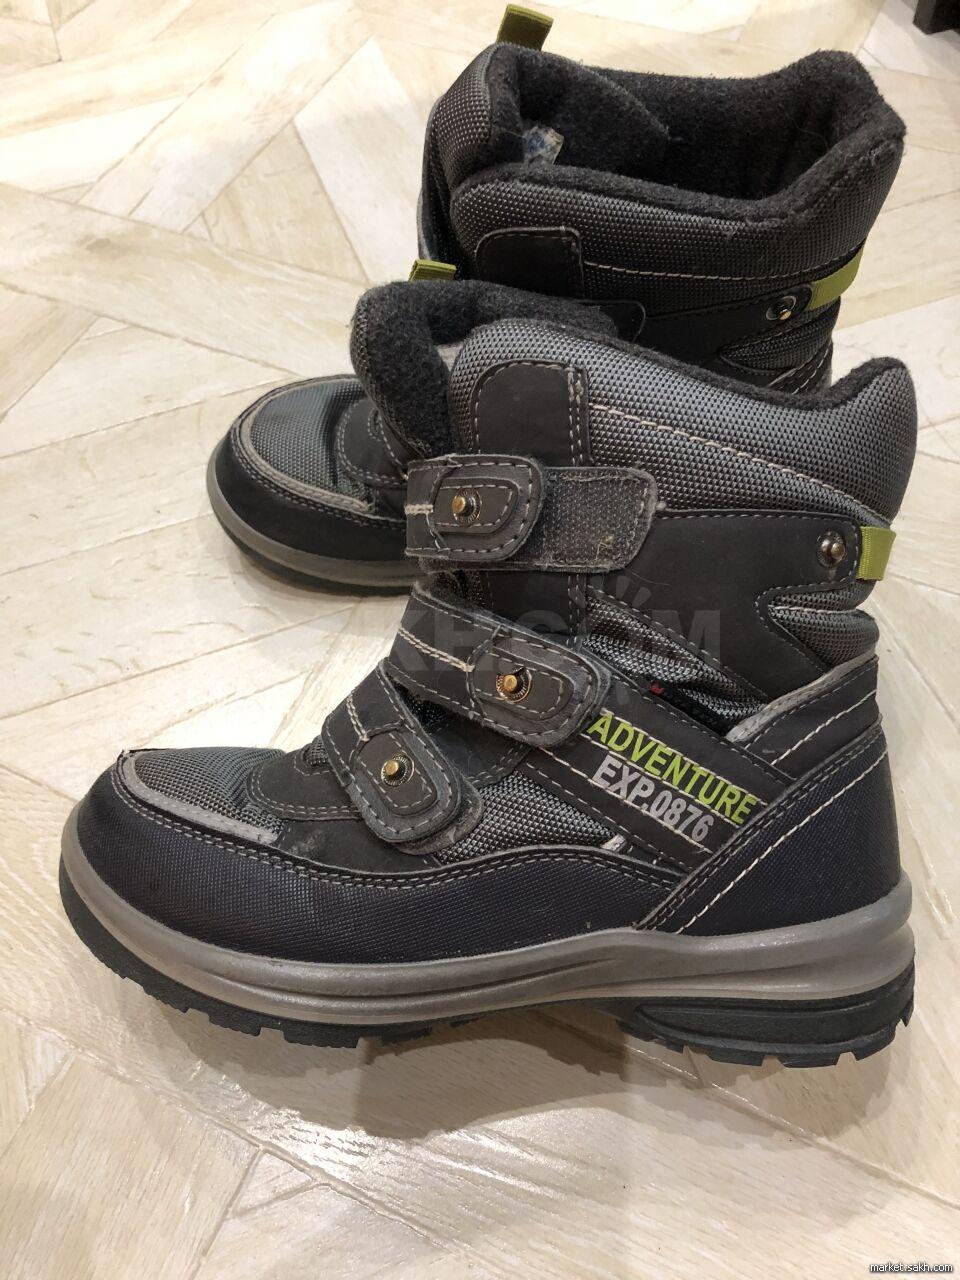 d266d108 Продам зимние ботинки на мальчика фирмы Котофей, 35 р, шерстяная стелька,  очень тёплые,б/у один сезон,в отличном состоянии.